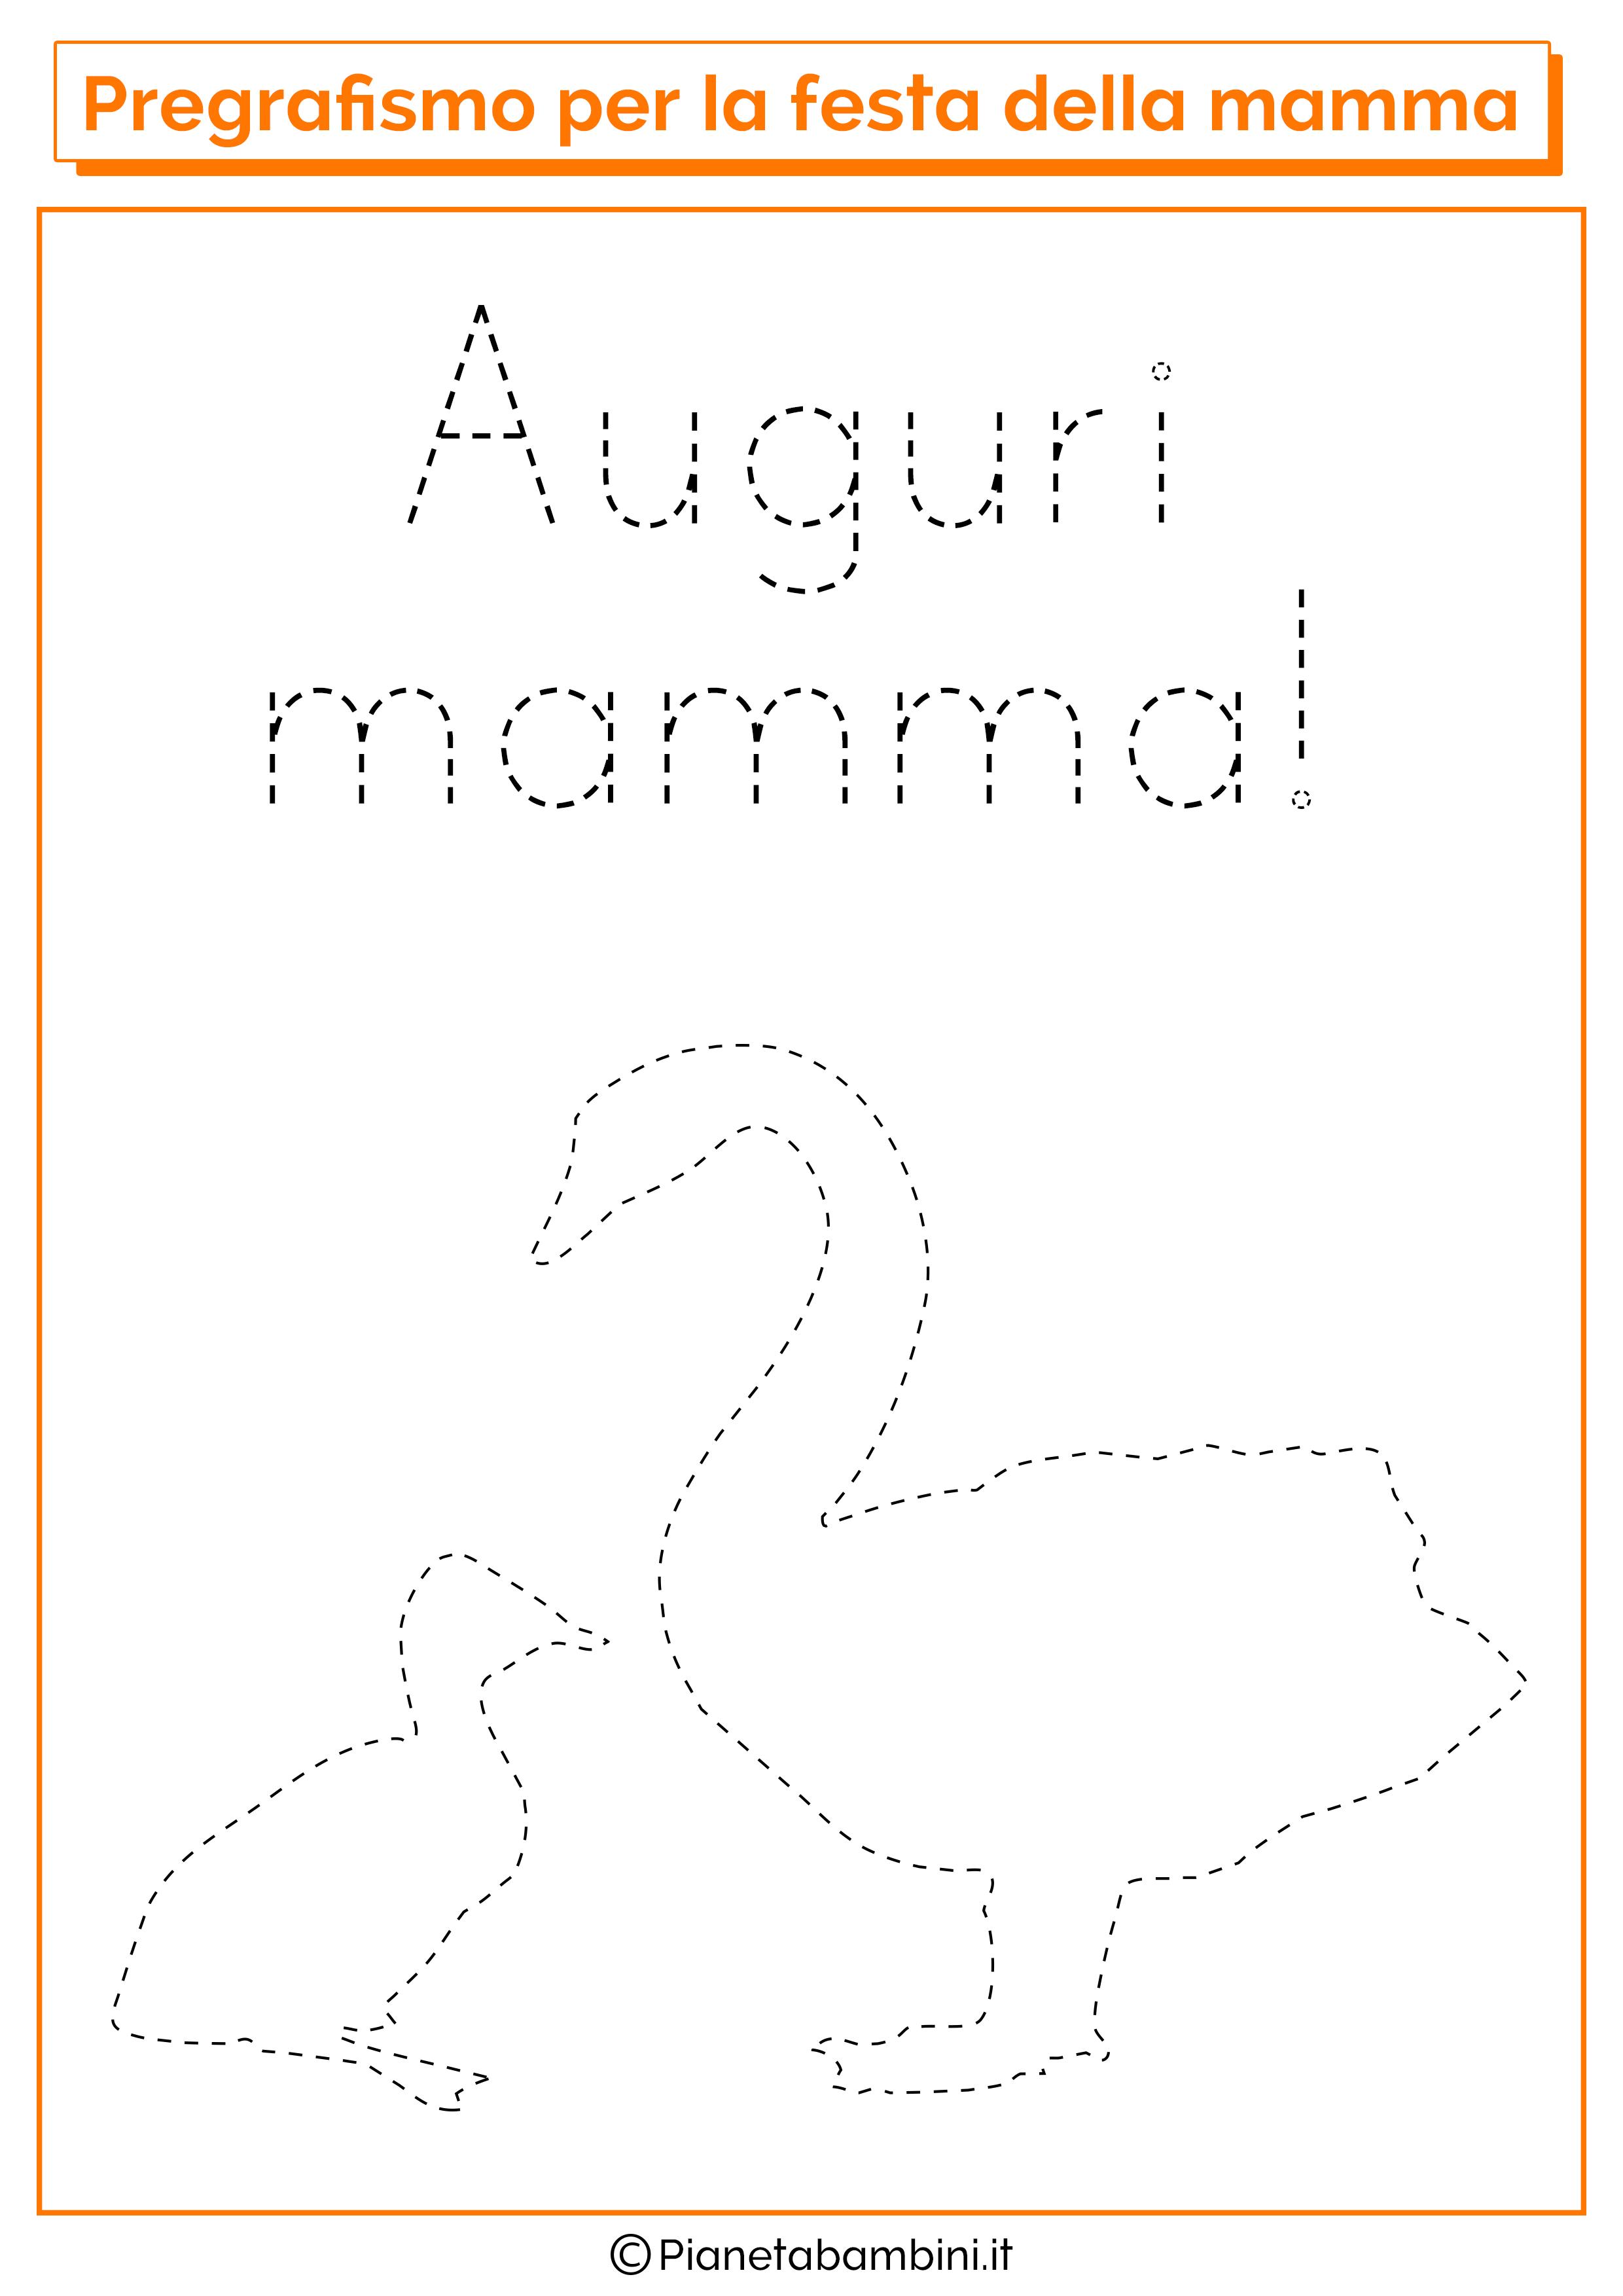 Pregrafismo-Festa-Della-Mamma-05